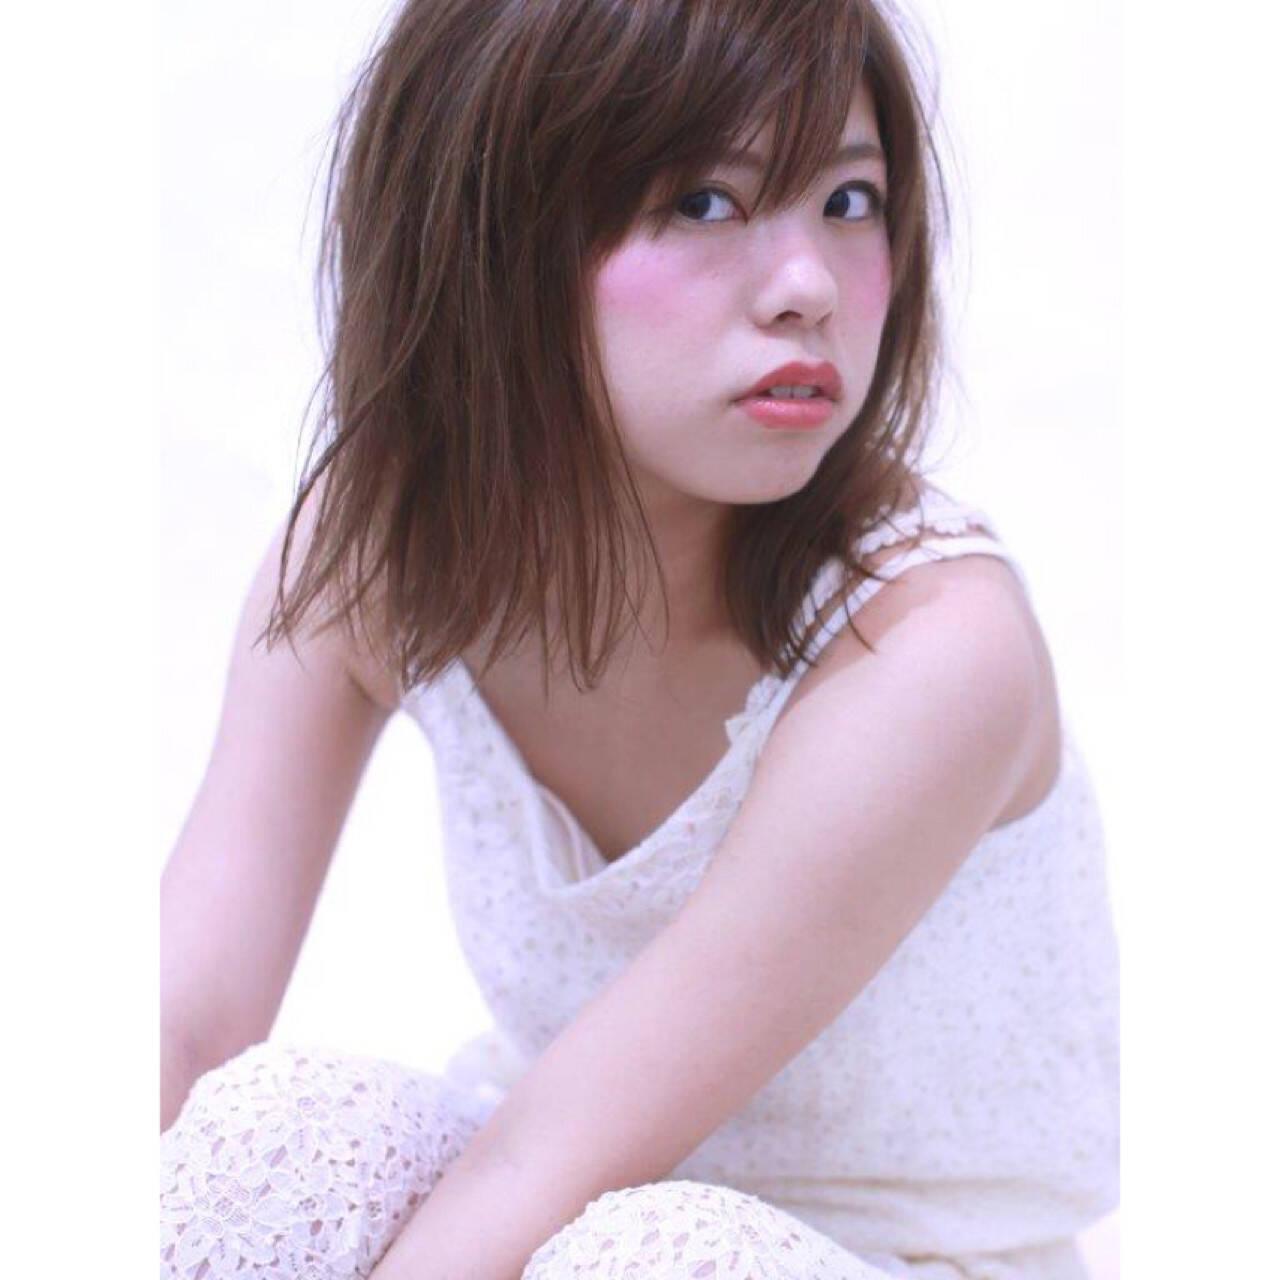 ミディアム おフェロ 前髪あり 透明感ヘアスタイルや髪型の写真・画像